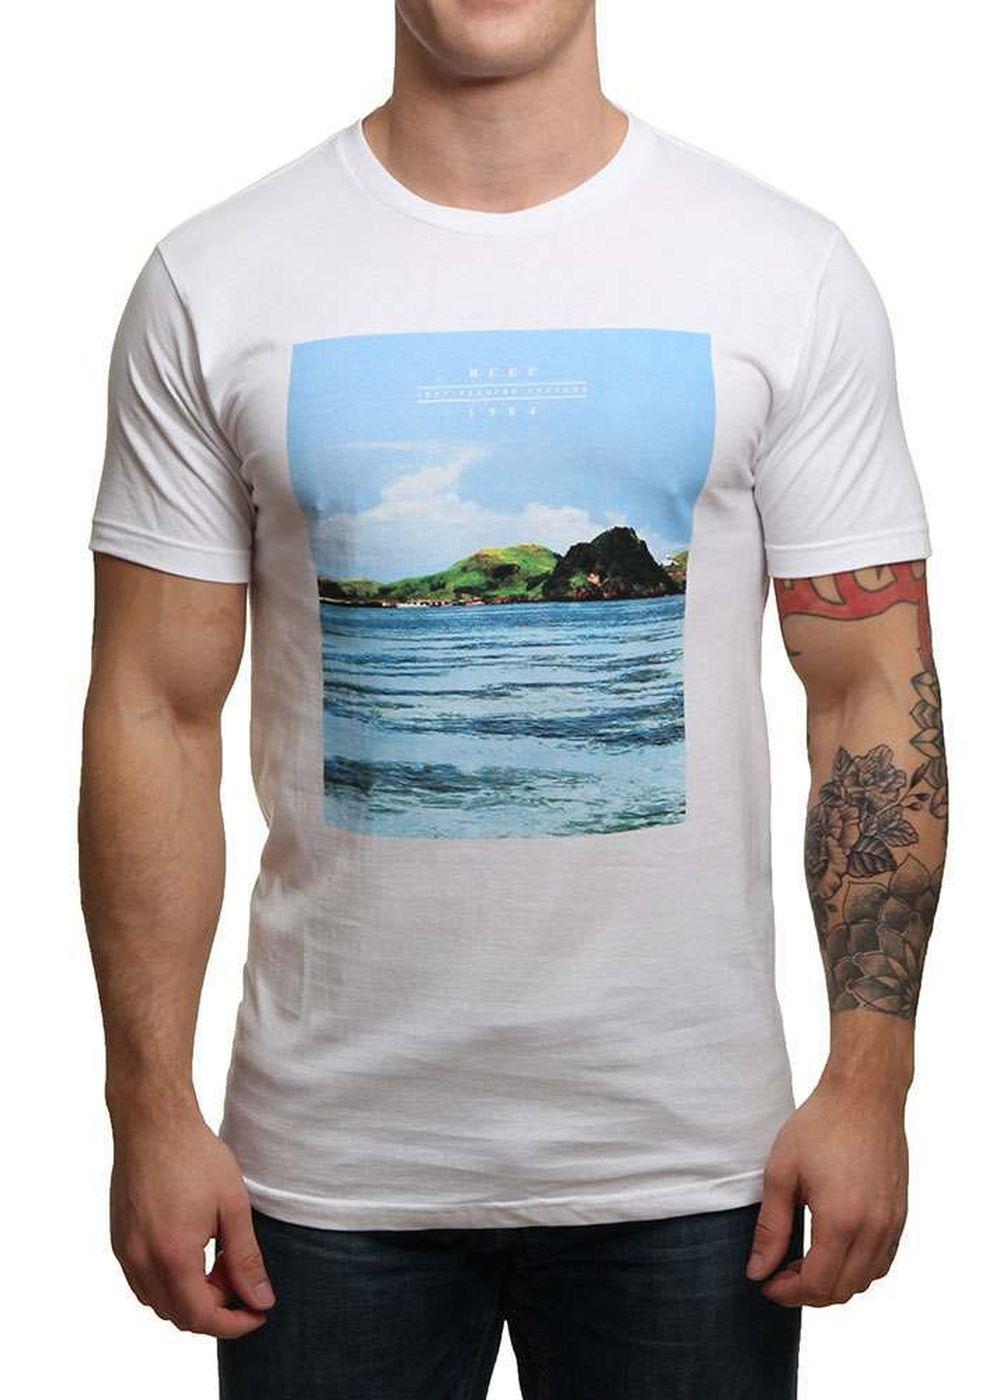 reef-coast-tee-white